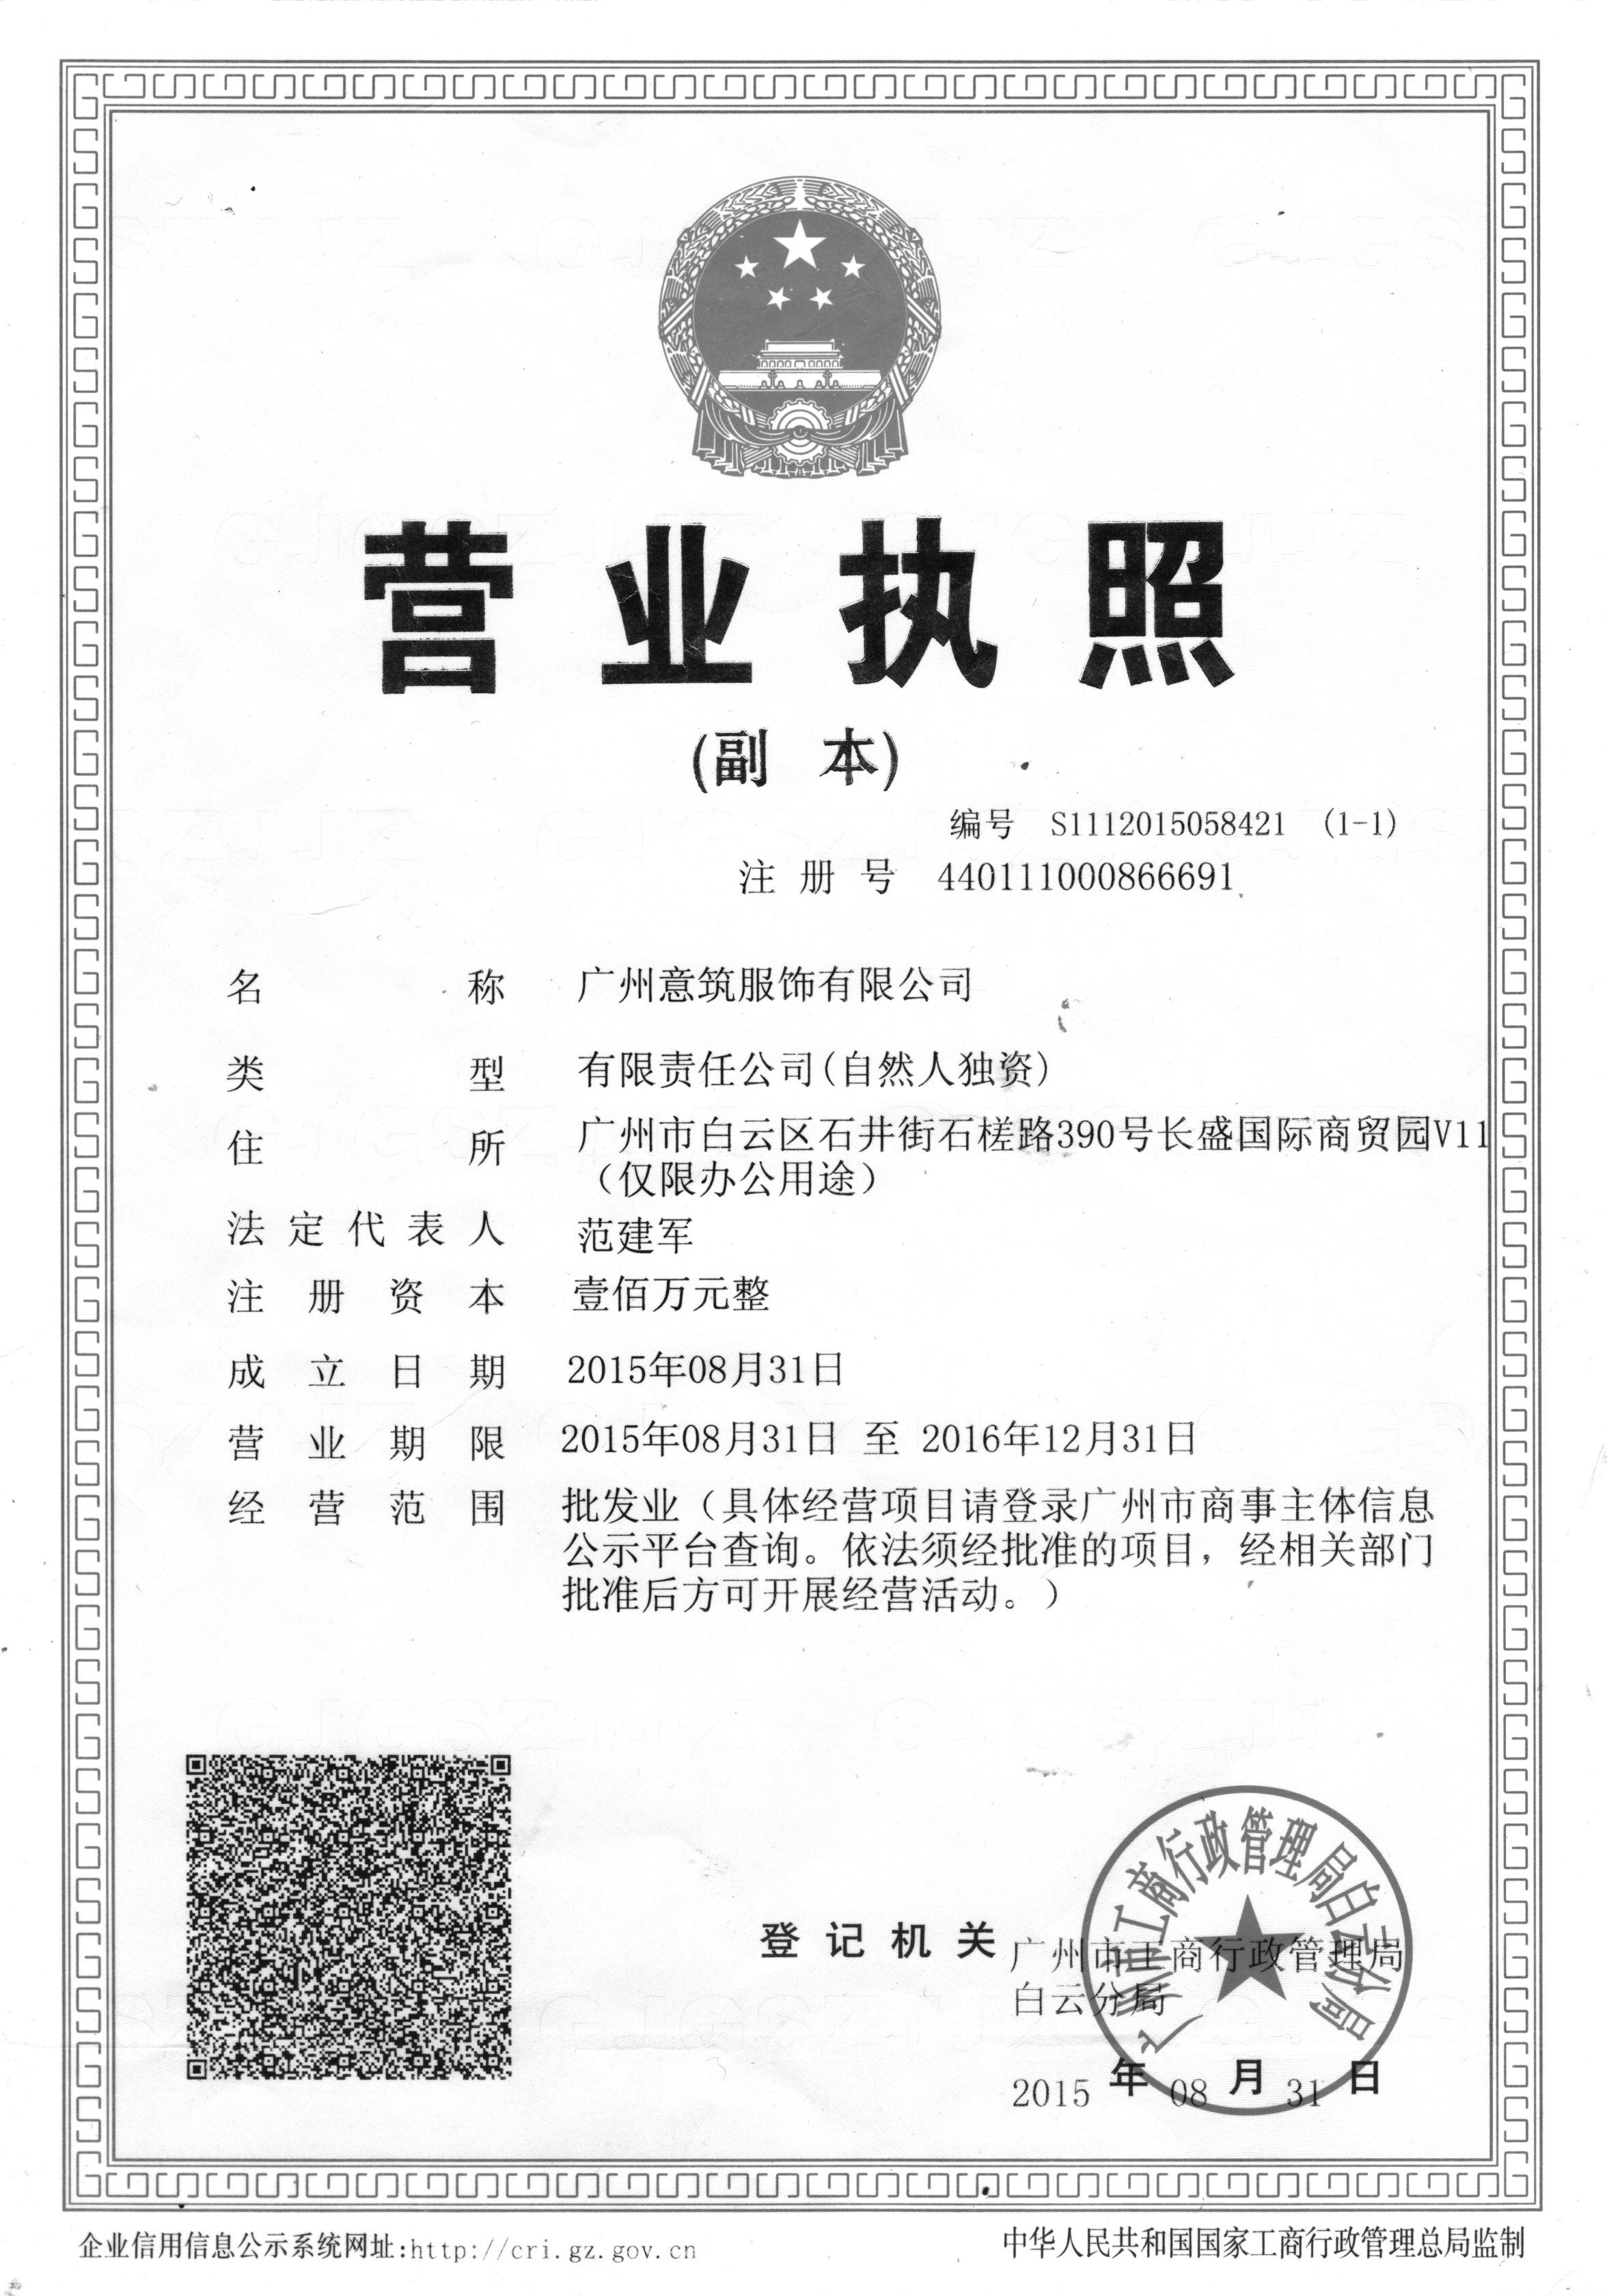 广州意筑服饰有限公司企业档案